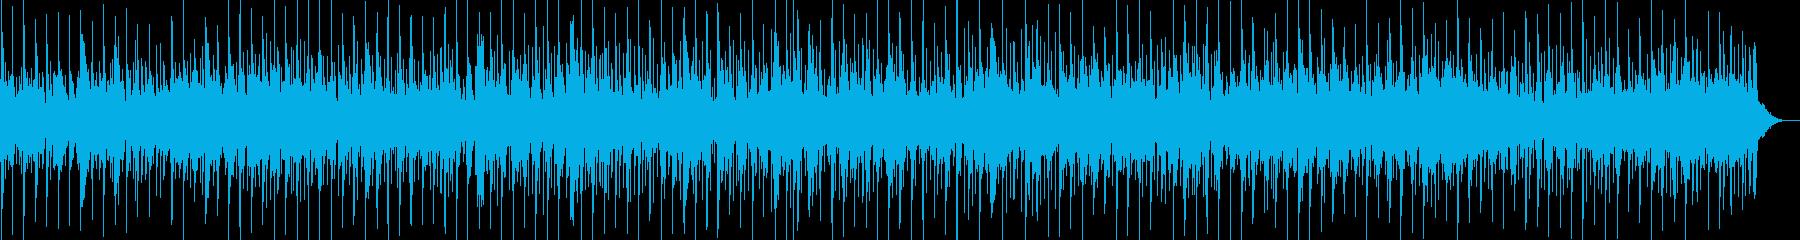 黄昏れの空が似合うほのぼのカントリーの再生済みの波形